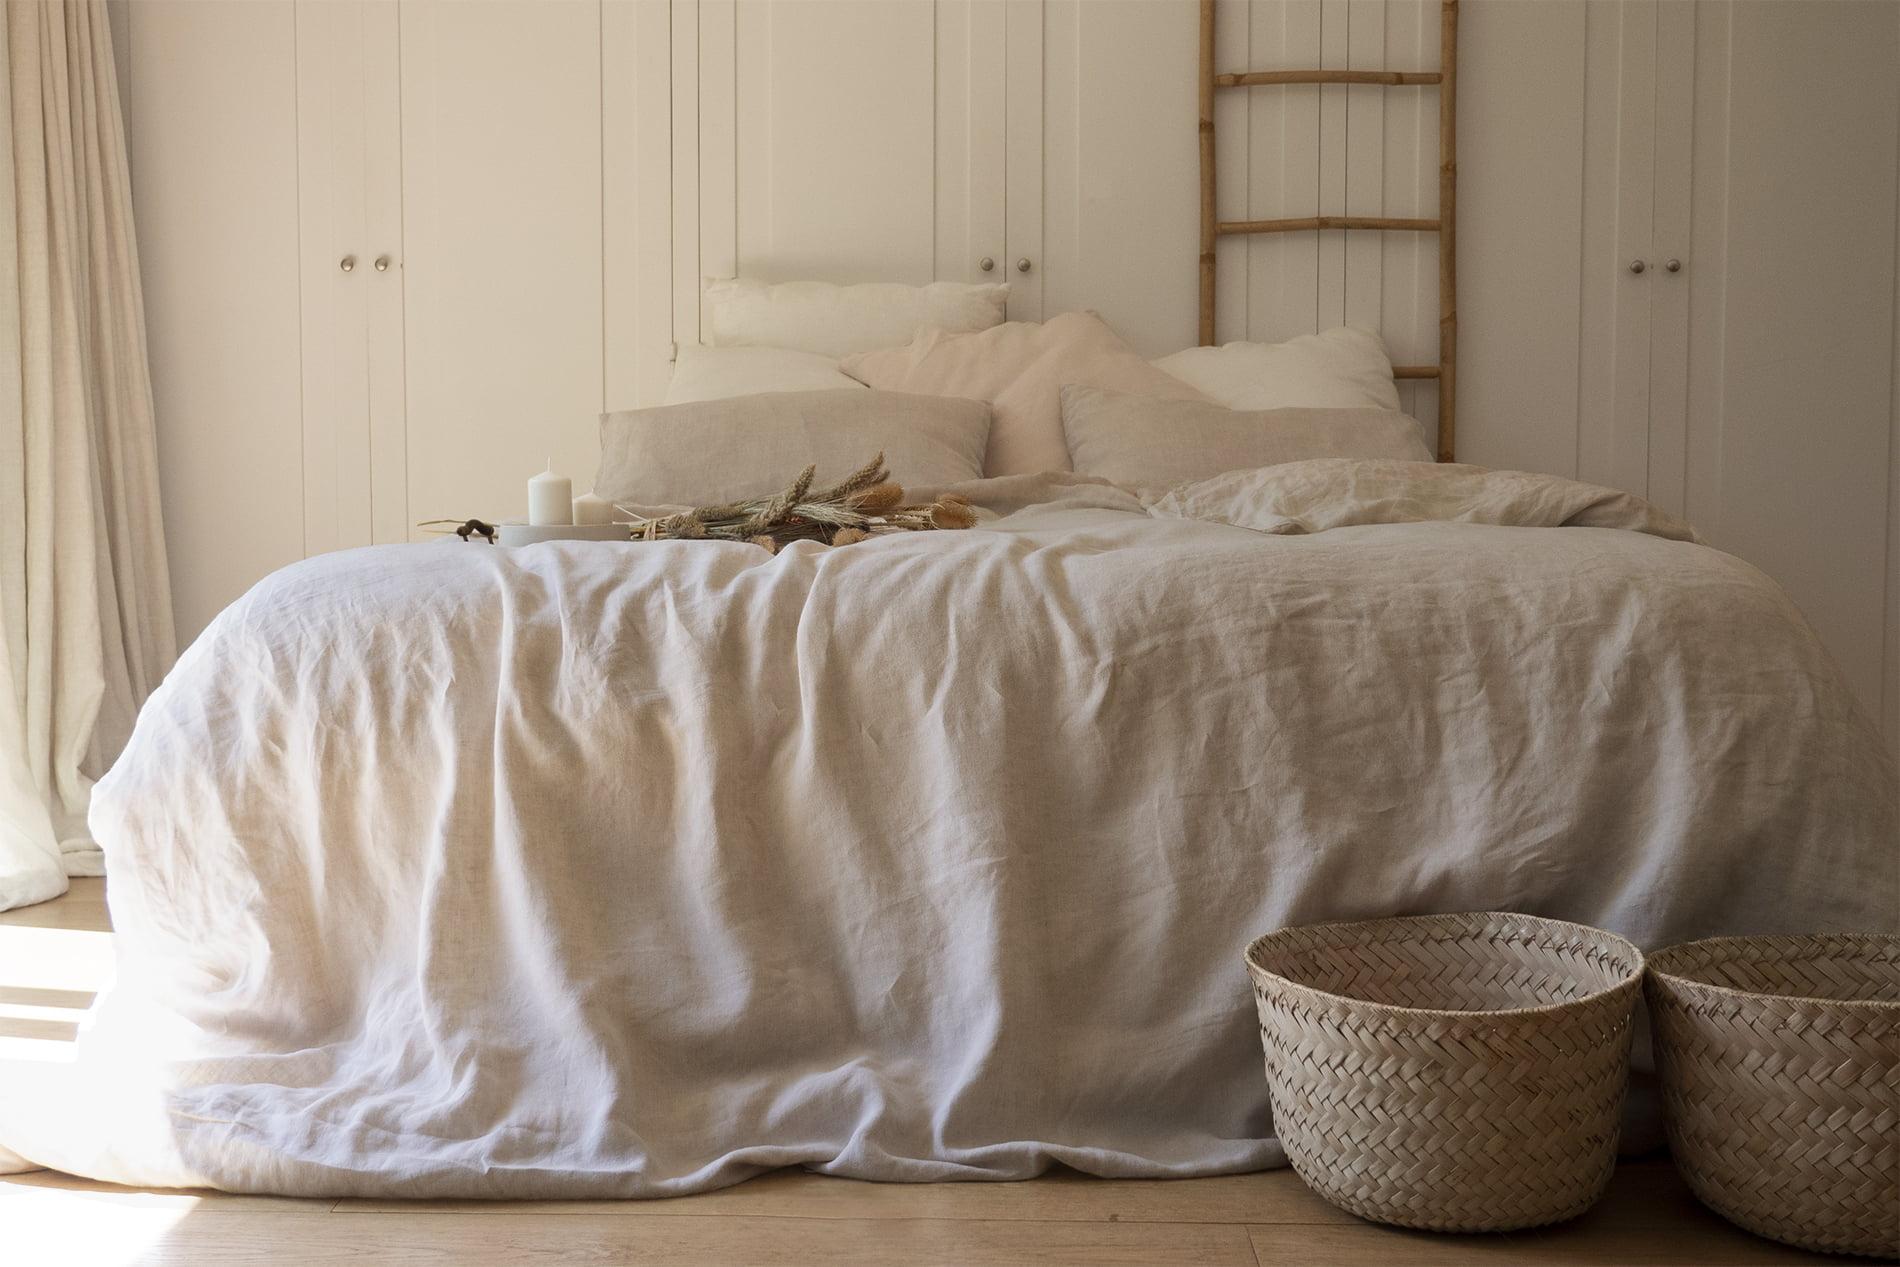 FICELLE - Parure de lit en lin lavé couleur naturelle 260x240 cm